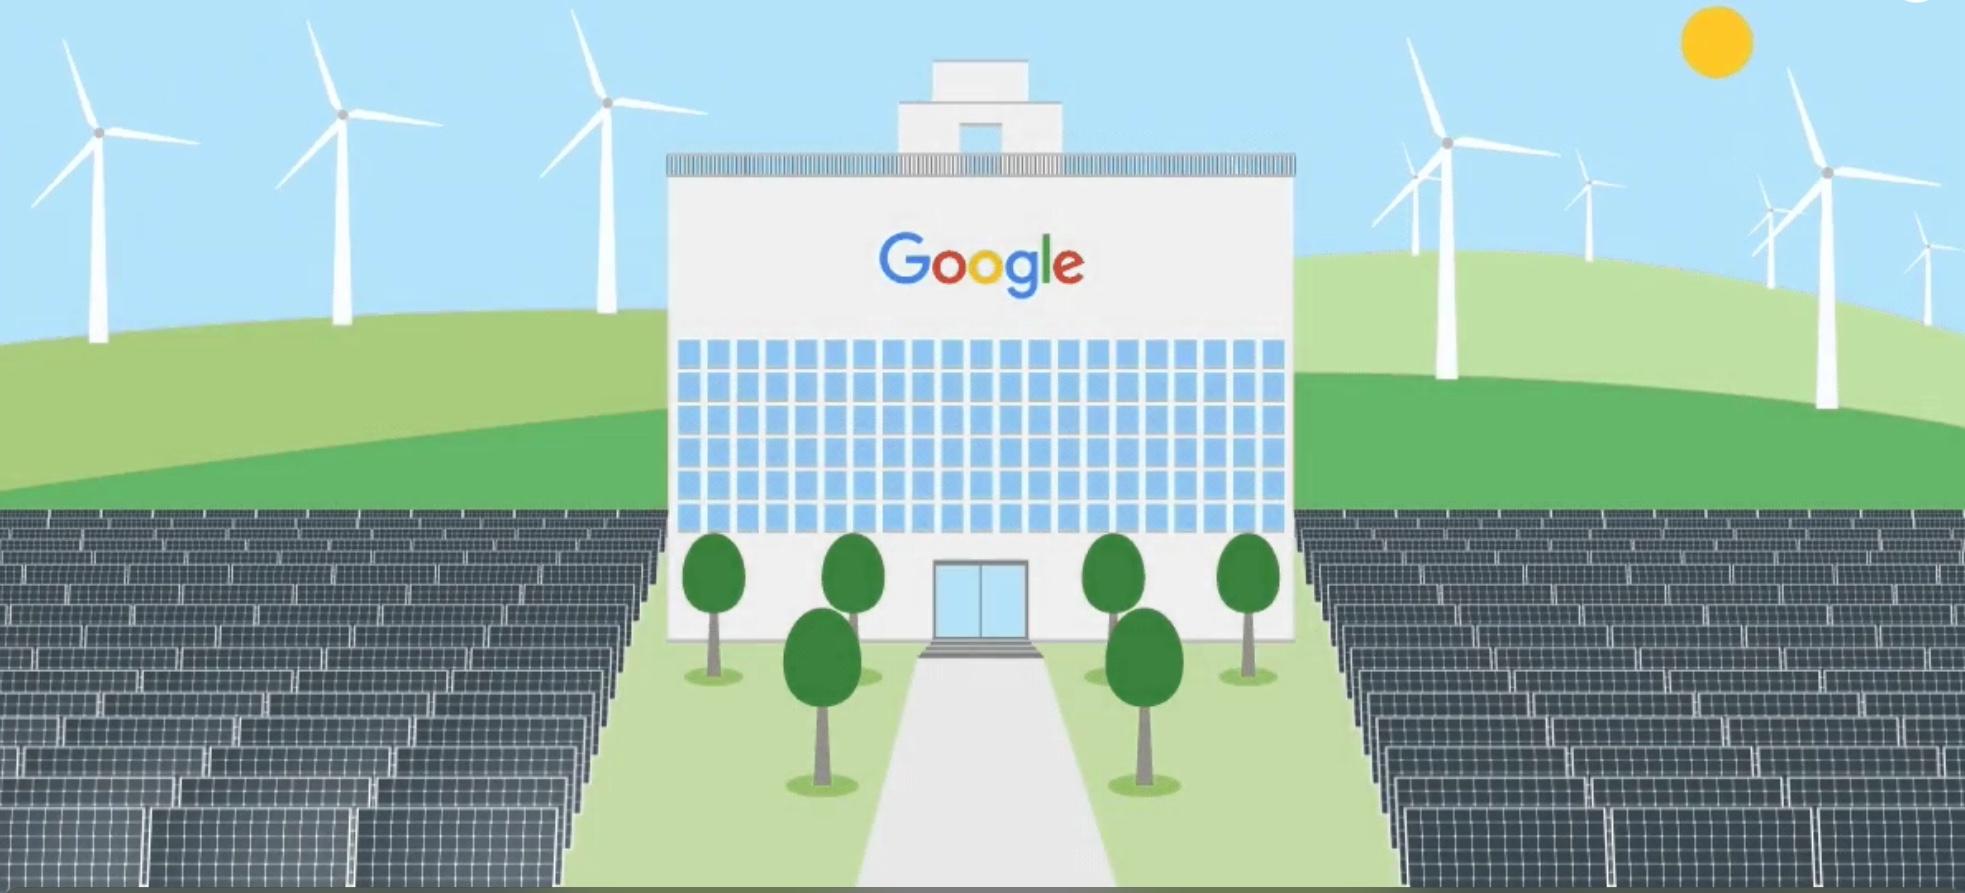 Google полностью перешёл на возобновляемую энергию